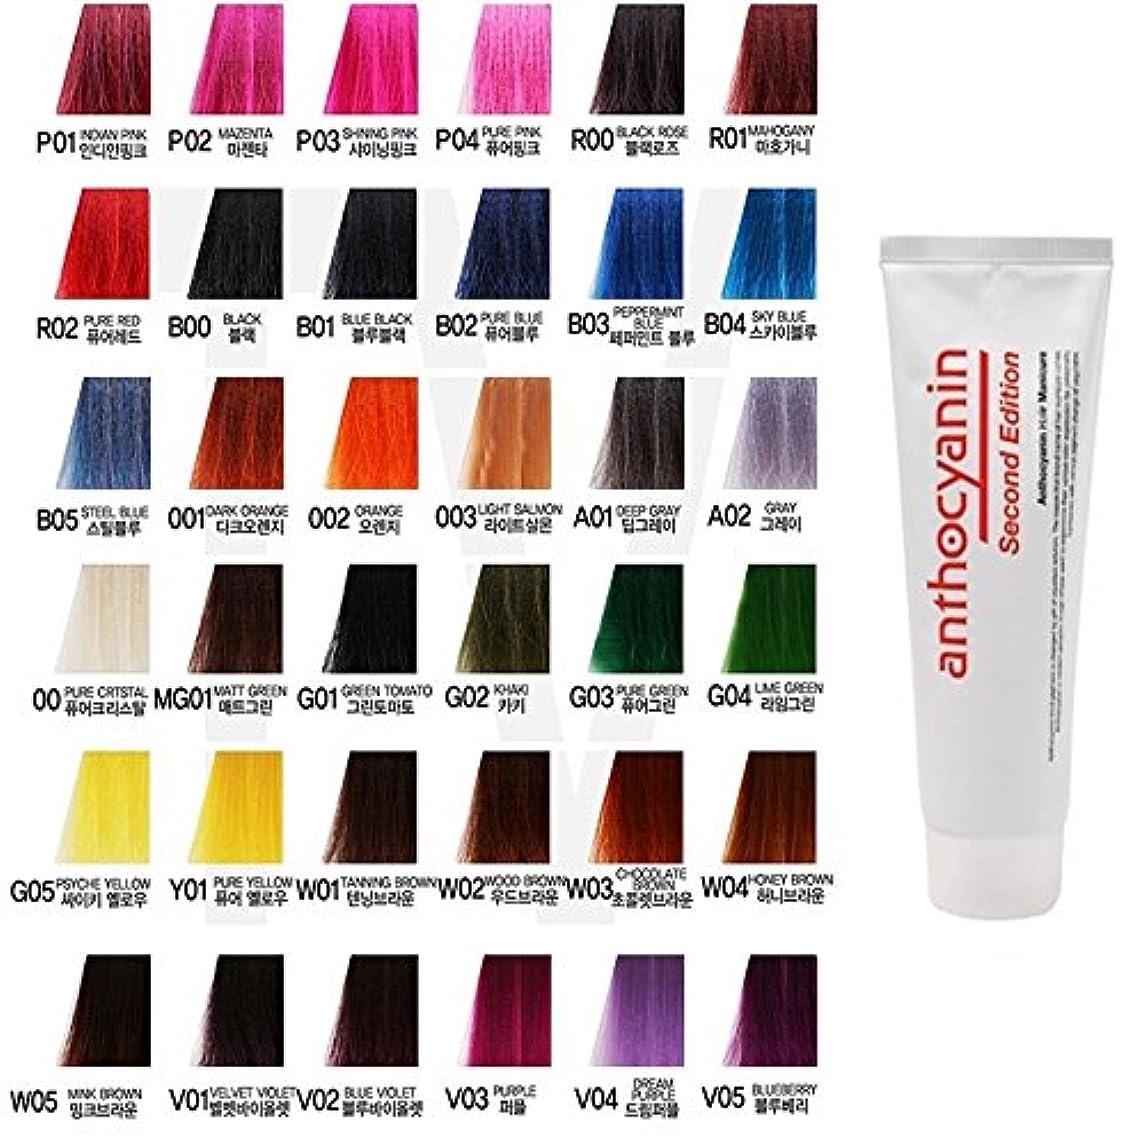 ヘア マニキュア カラー セカンド エディション 230g セミ パーマネント 染毛剤 ( Hair Manicure Color Second Edition 230g Semi Permanent Hair Dye)...